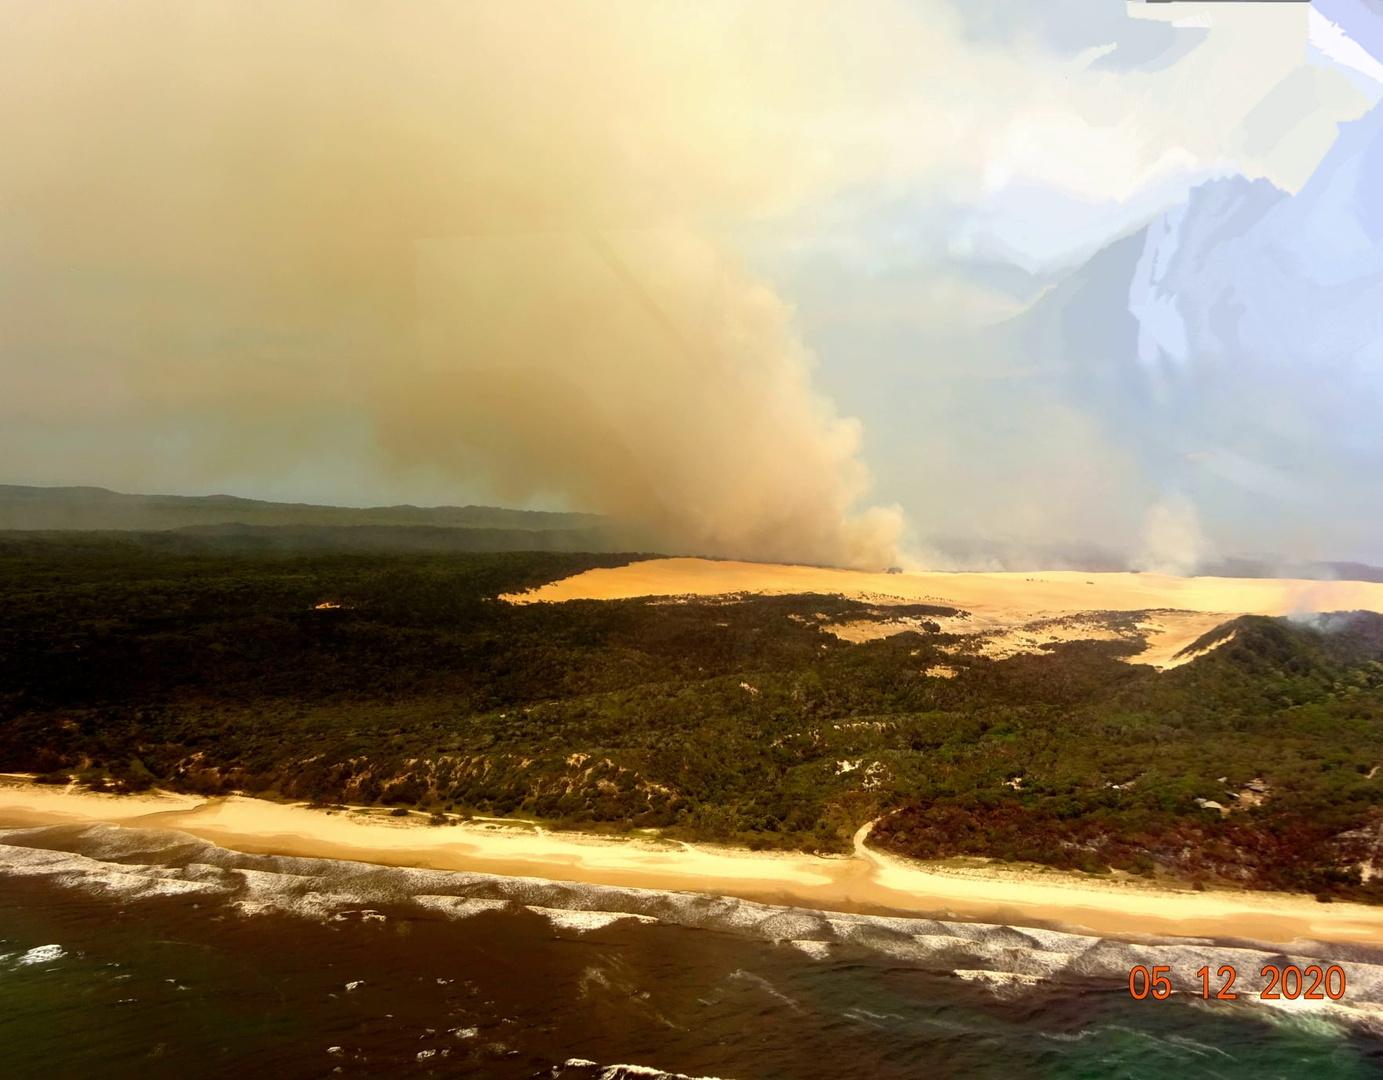 الحرائق في جزيرة فريزر (Fraser Island) الأسترالية اليوم.